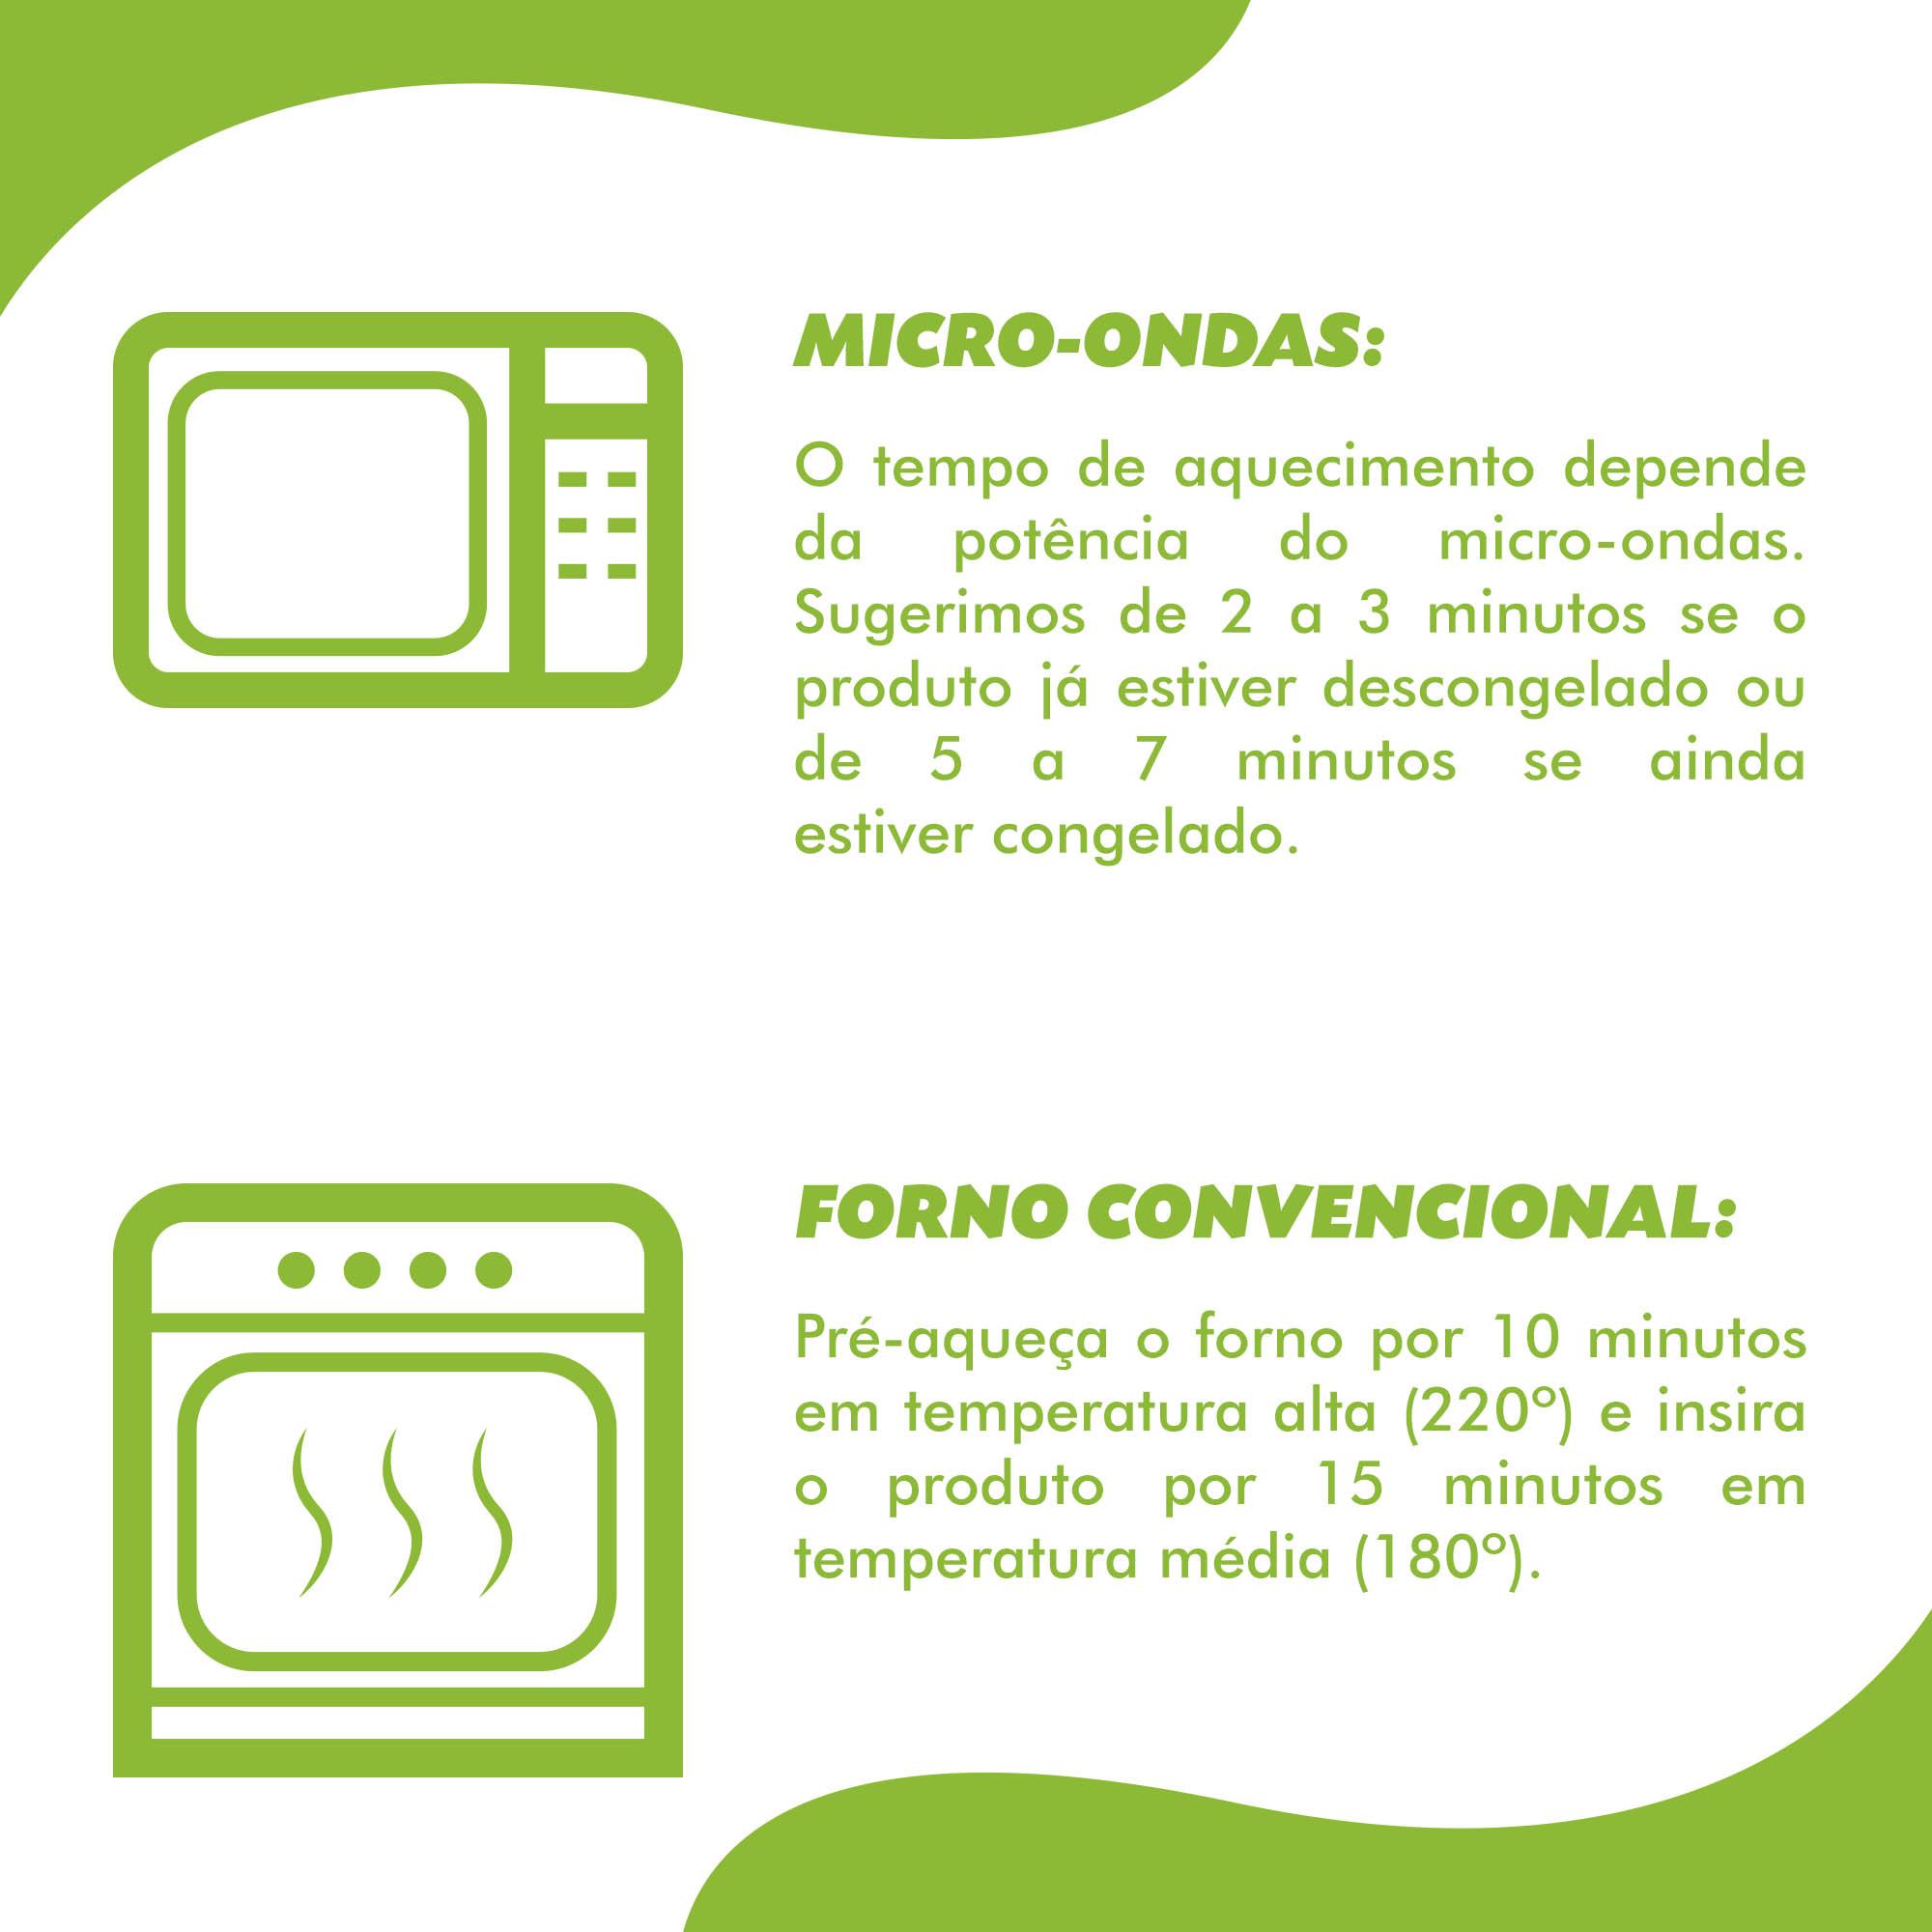 Salmão grelhado com Molho de maracujá + Arroz 7 cereais com Edamame + escarola refogada ou brócolis (368g)